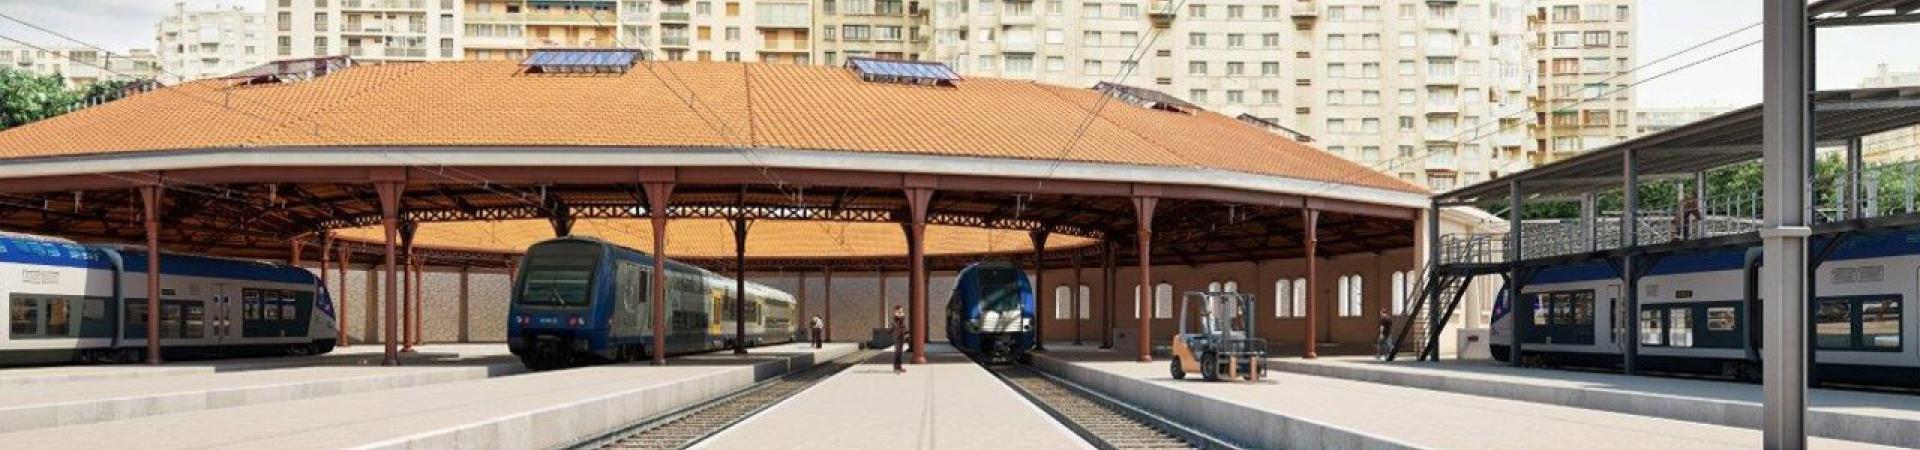 Réaménagement du site ferroviaire Marseille-Pautrier